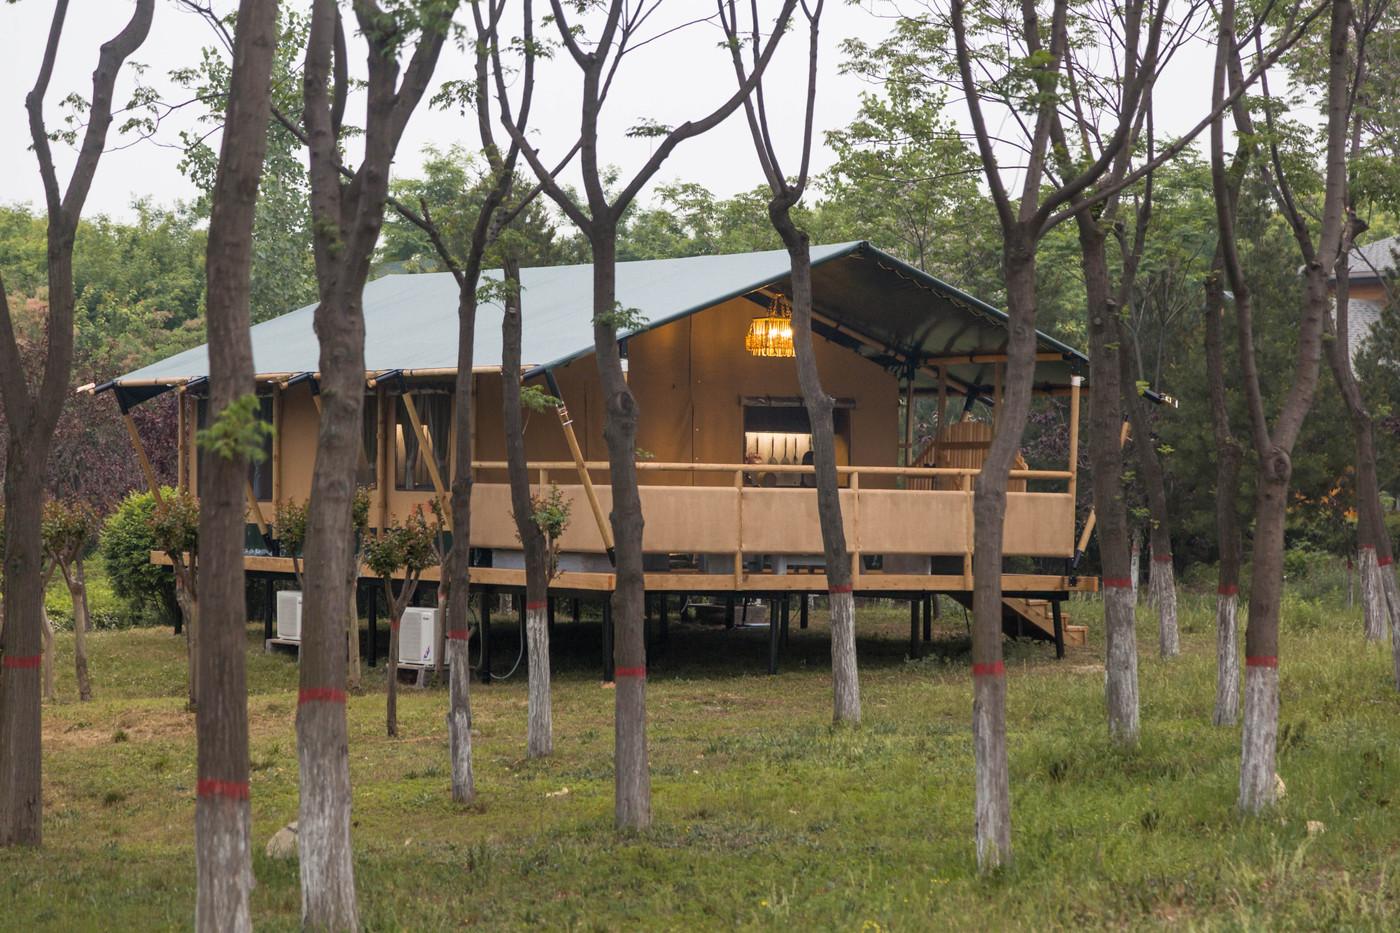 喜马拉雅野奢帐篷酒店—华山自驾游露营地(78平)3